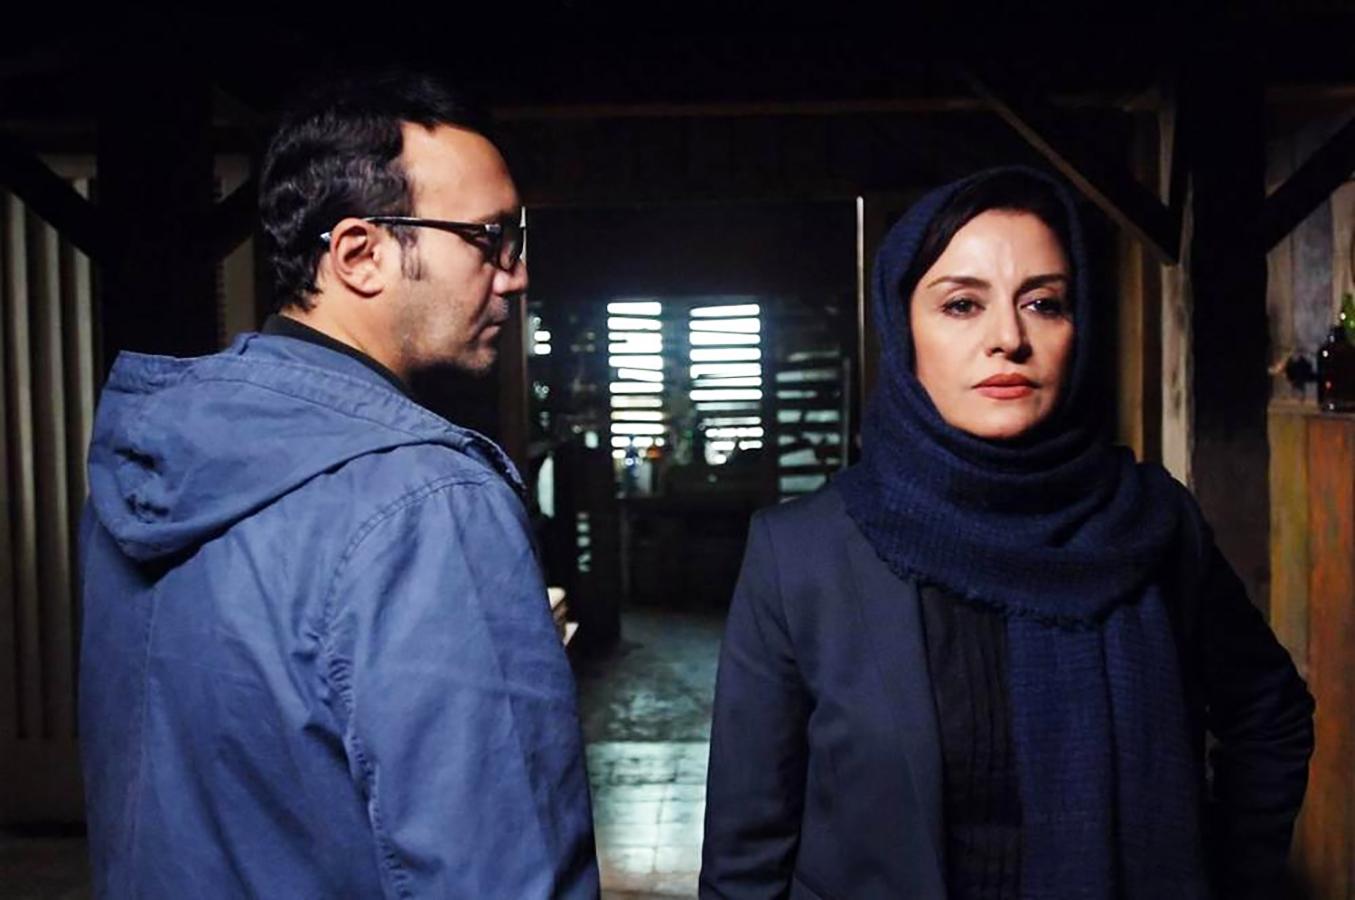 جشنواره فیلم فجر سی و ششم نقد فیلم «سوءتفاهم»: معماهای قبل از تو همه سوءتفاهم بود!